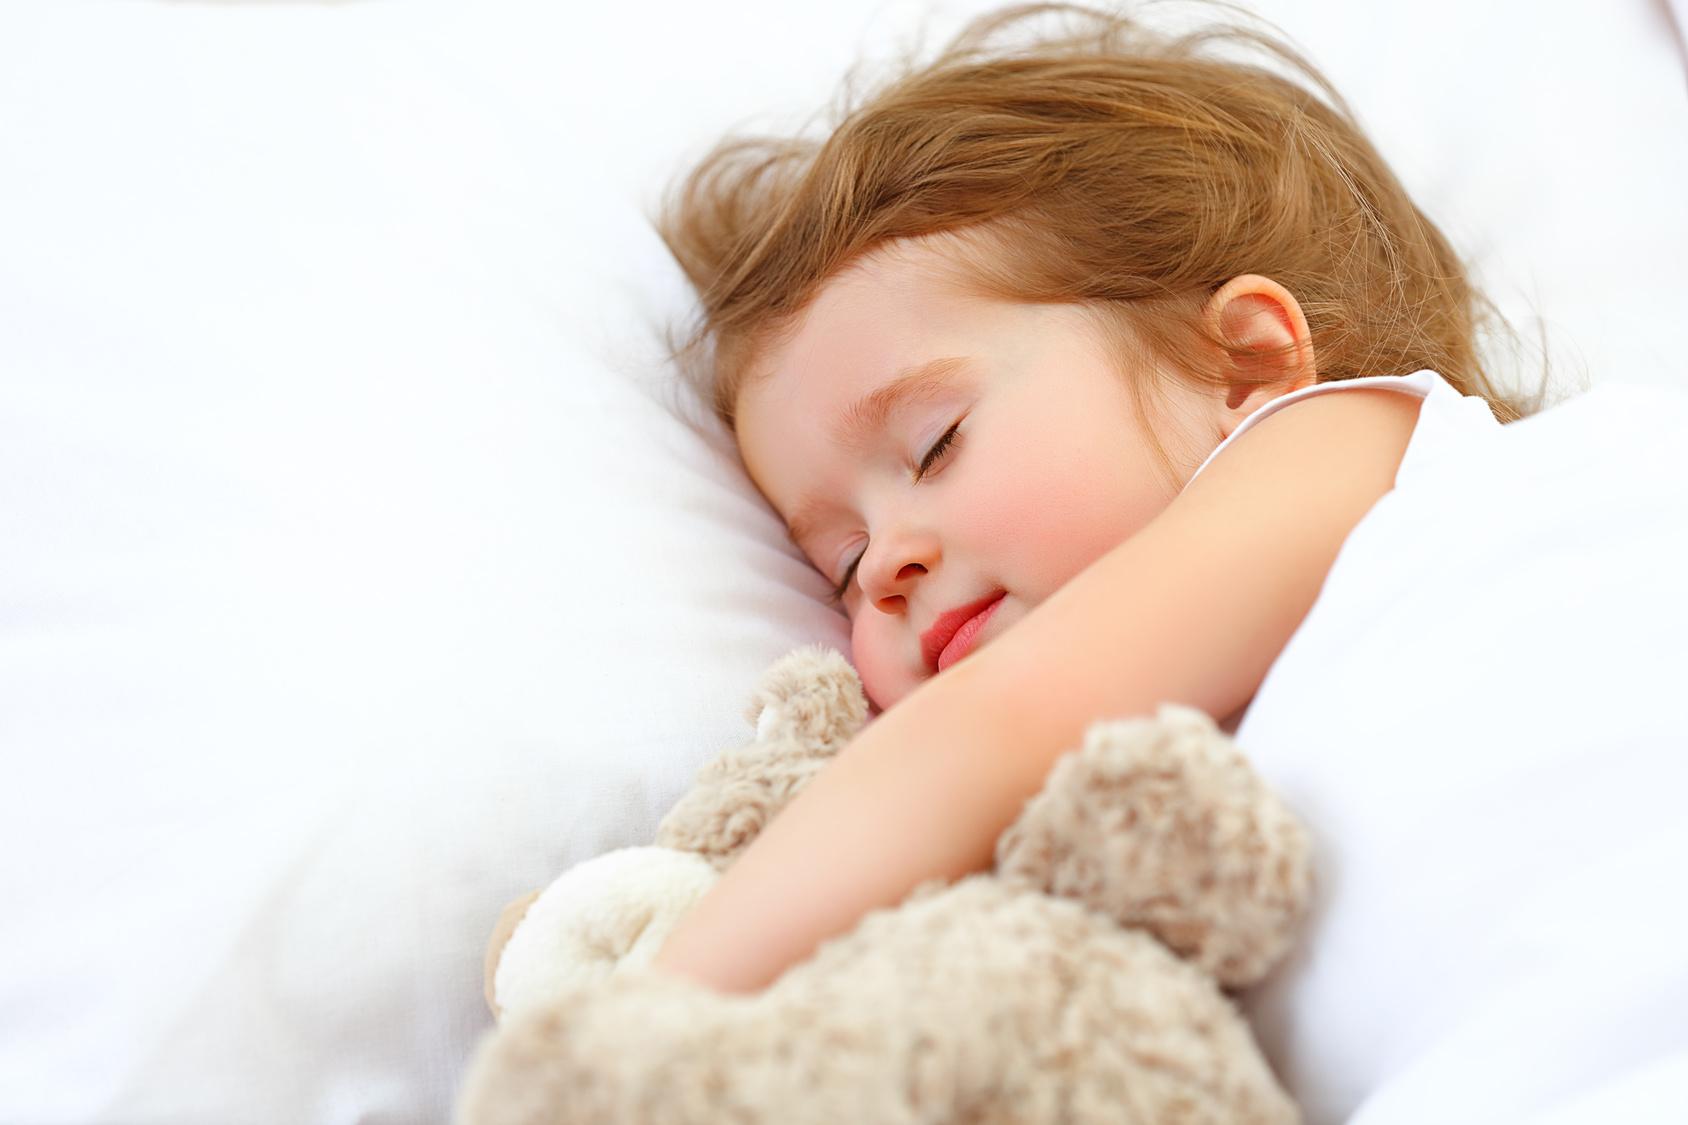 Eine ruhige Umgebung - und viel Bewegung für Geist und Körper am Tag - helfen, damit Kinder friedlich schlafen. (#01)